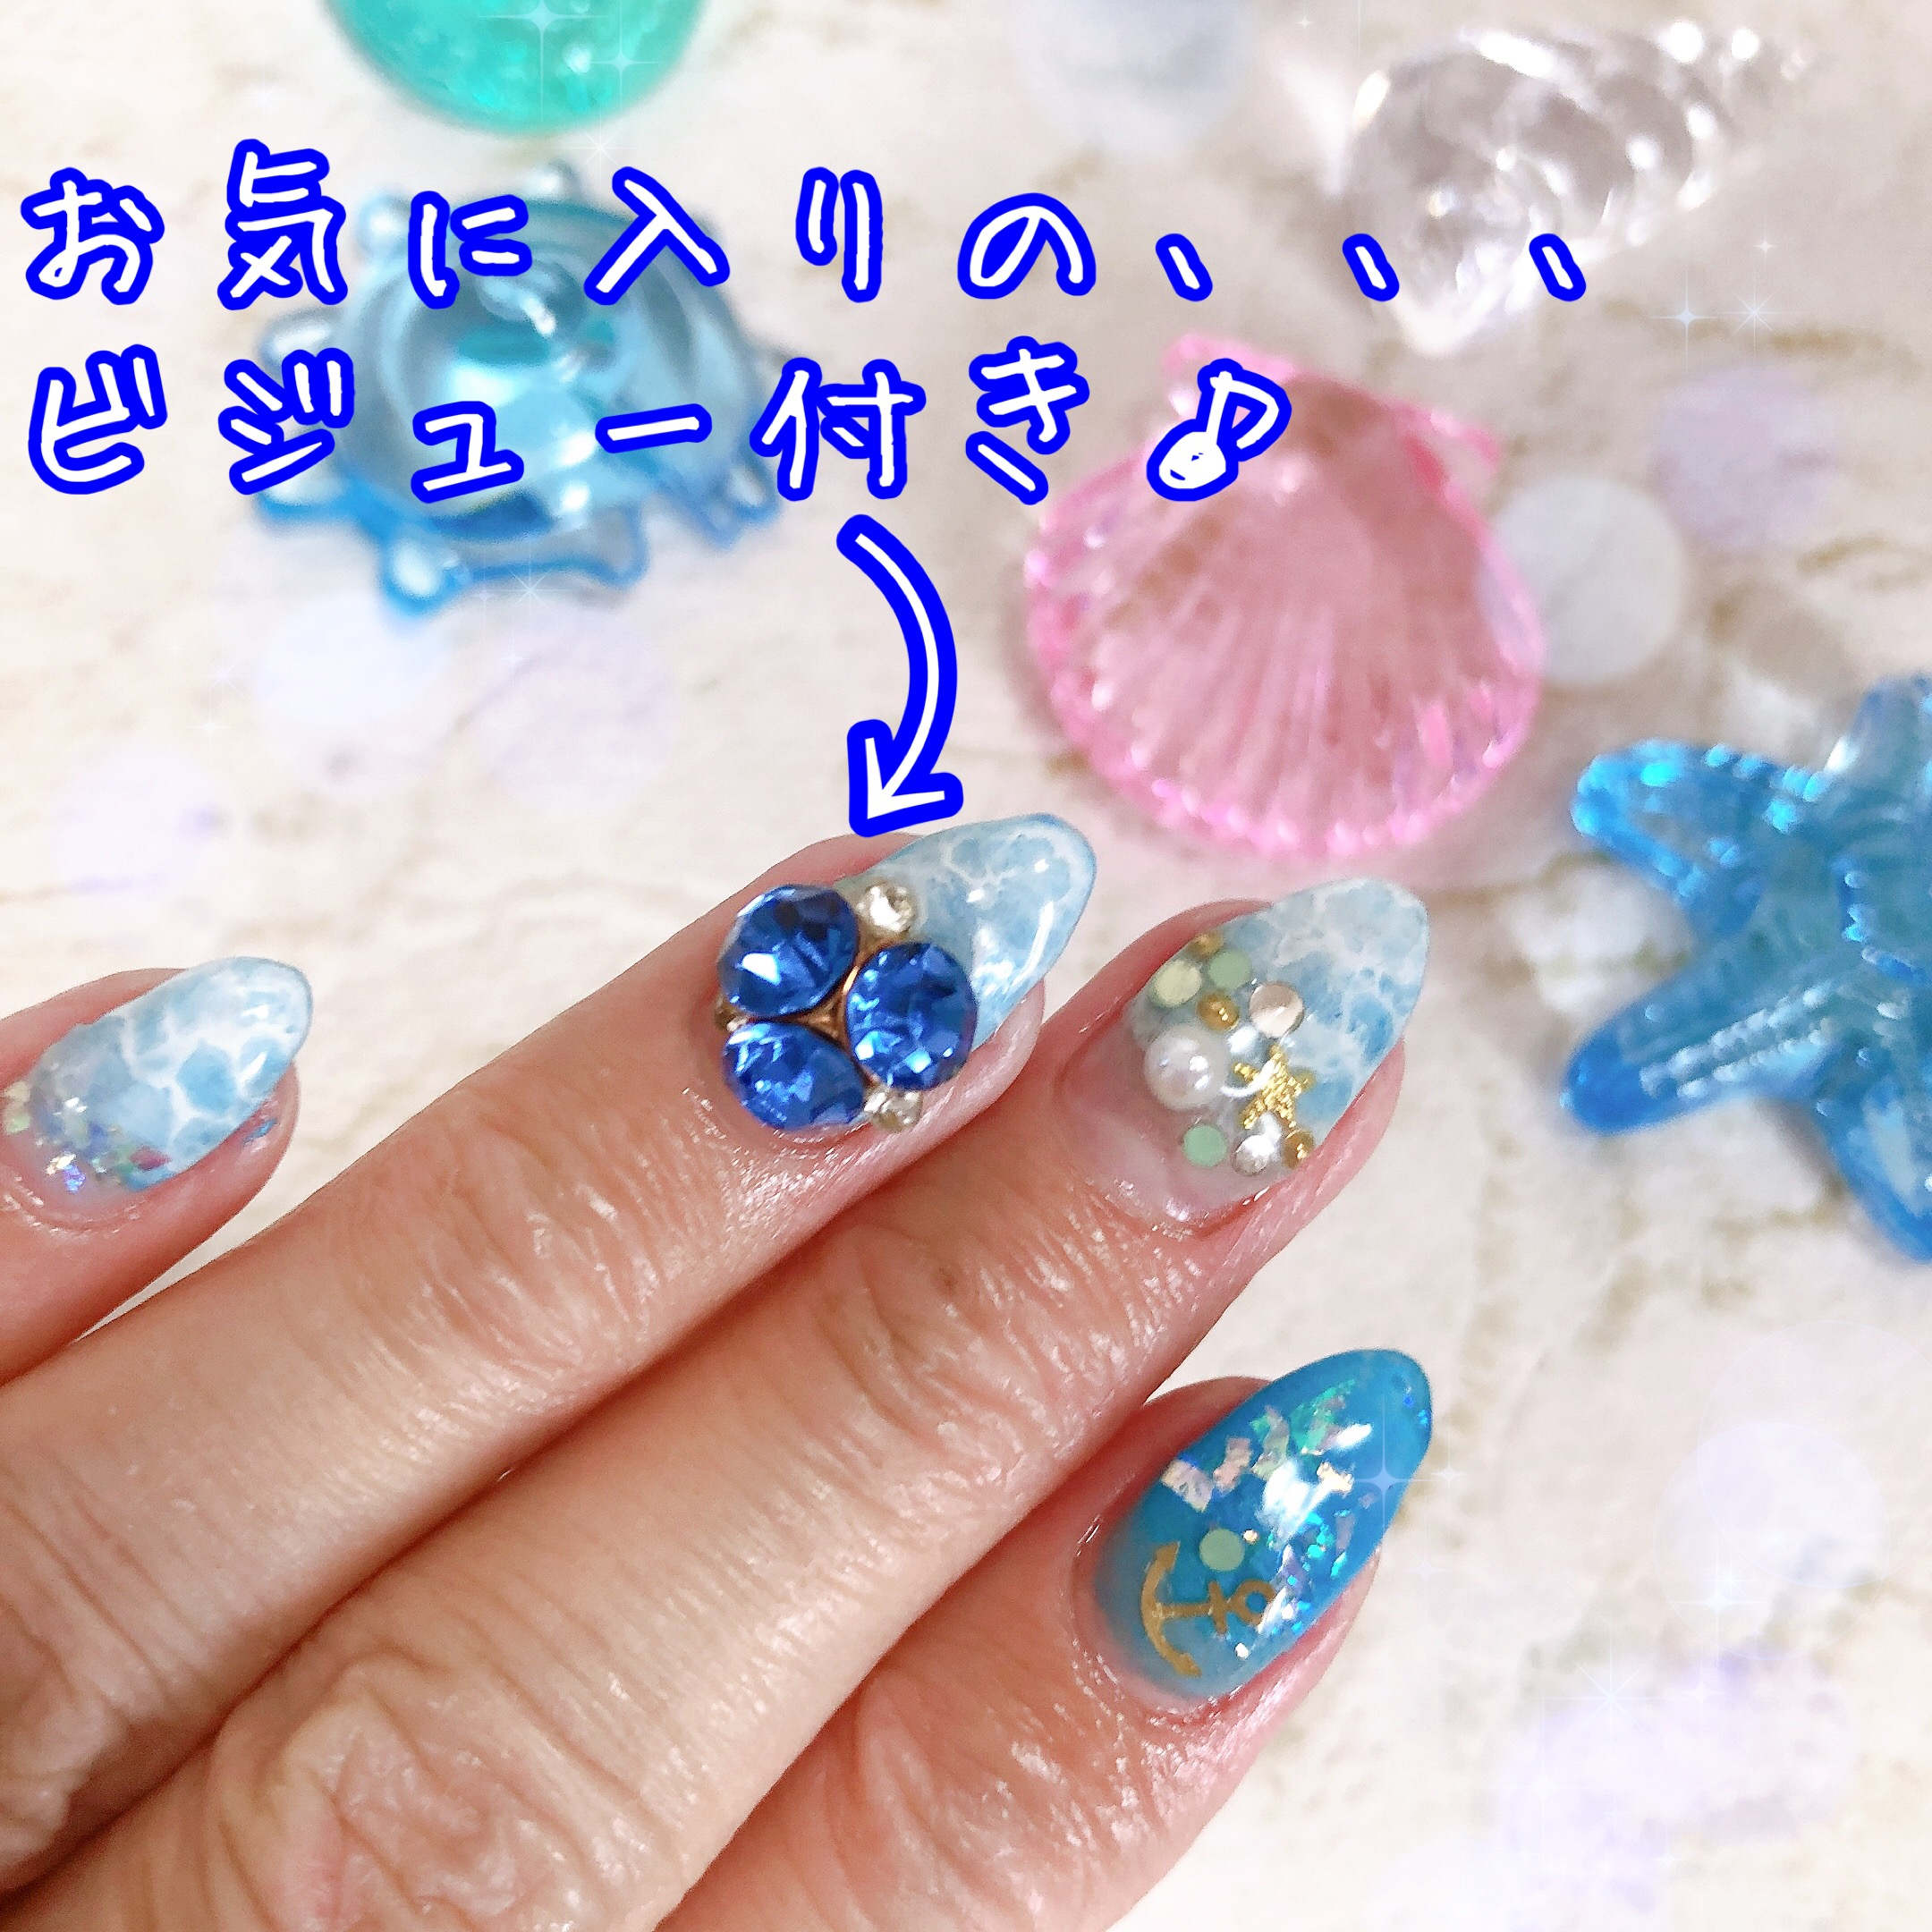 【夏ネイル・マニキュア】海をイメージした水面セルフジェルネイル☆涼しげな感じがお気に入り!100円ショップで見つけたネイルシールを貼ってみました。_2